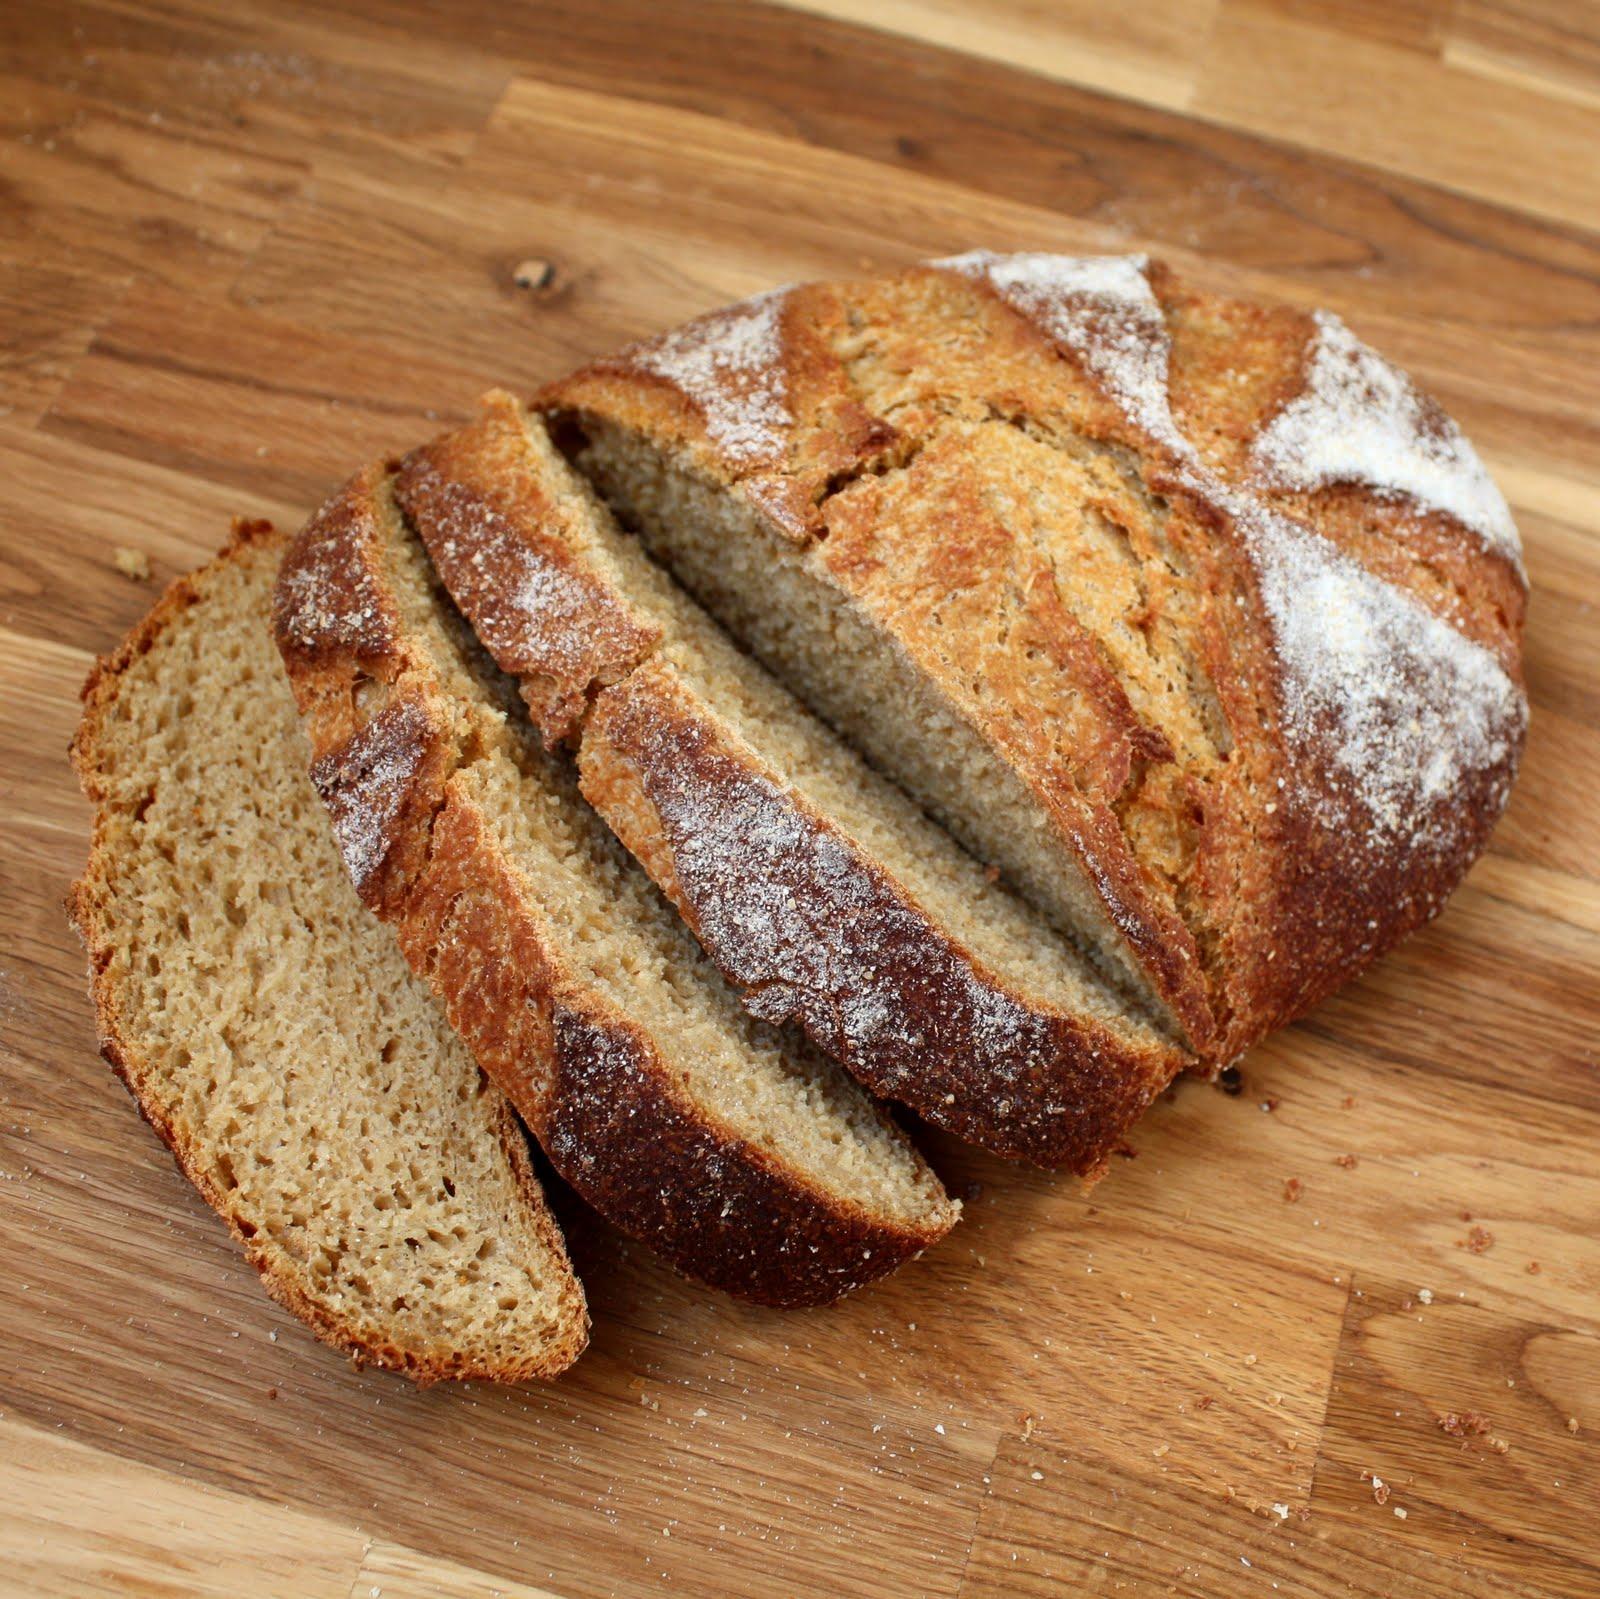 White,Whole Wheat,or Multi Grain Bread?